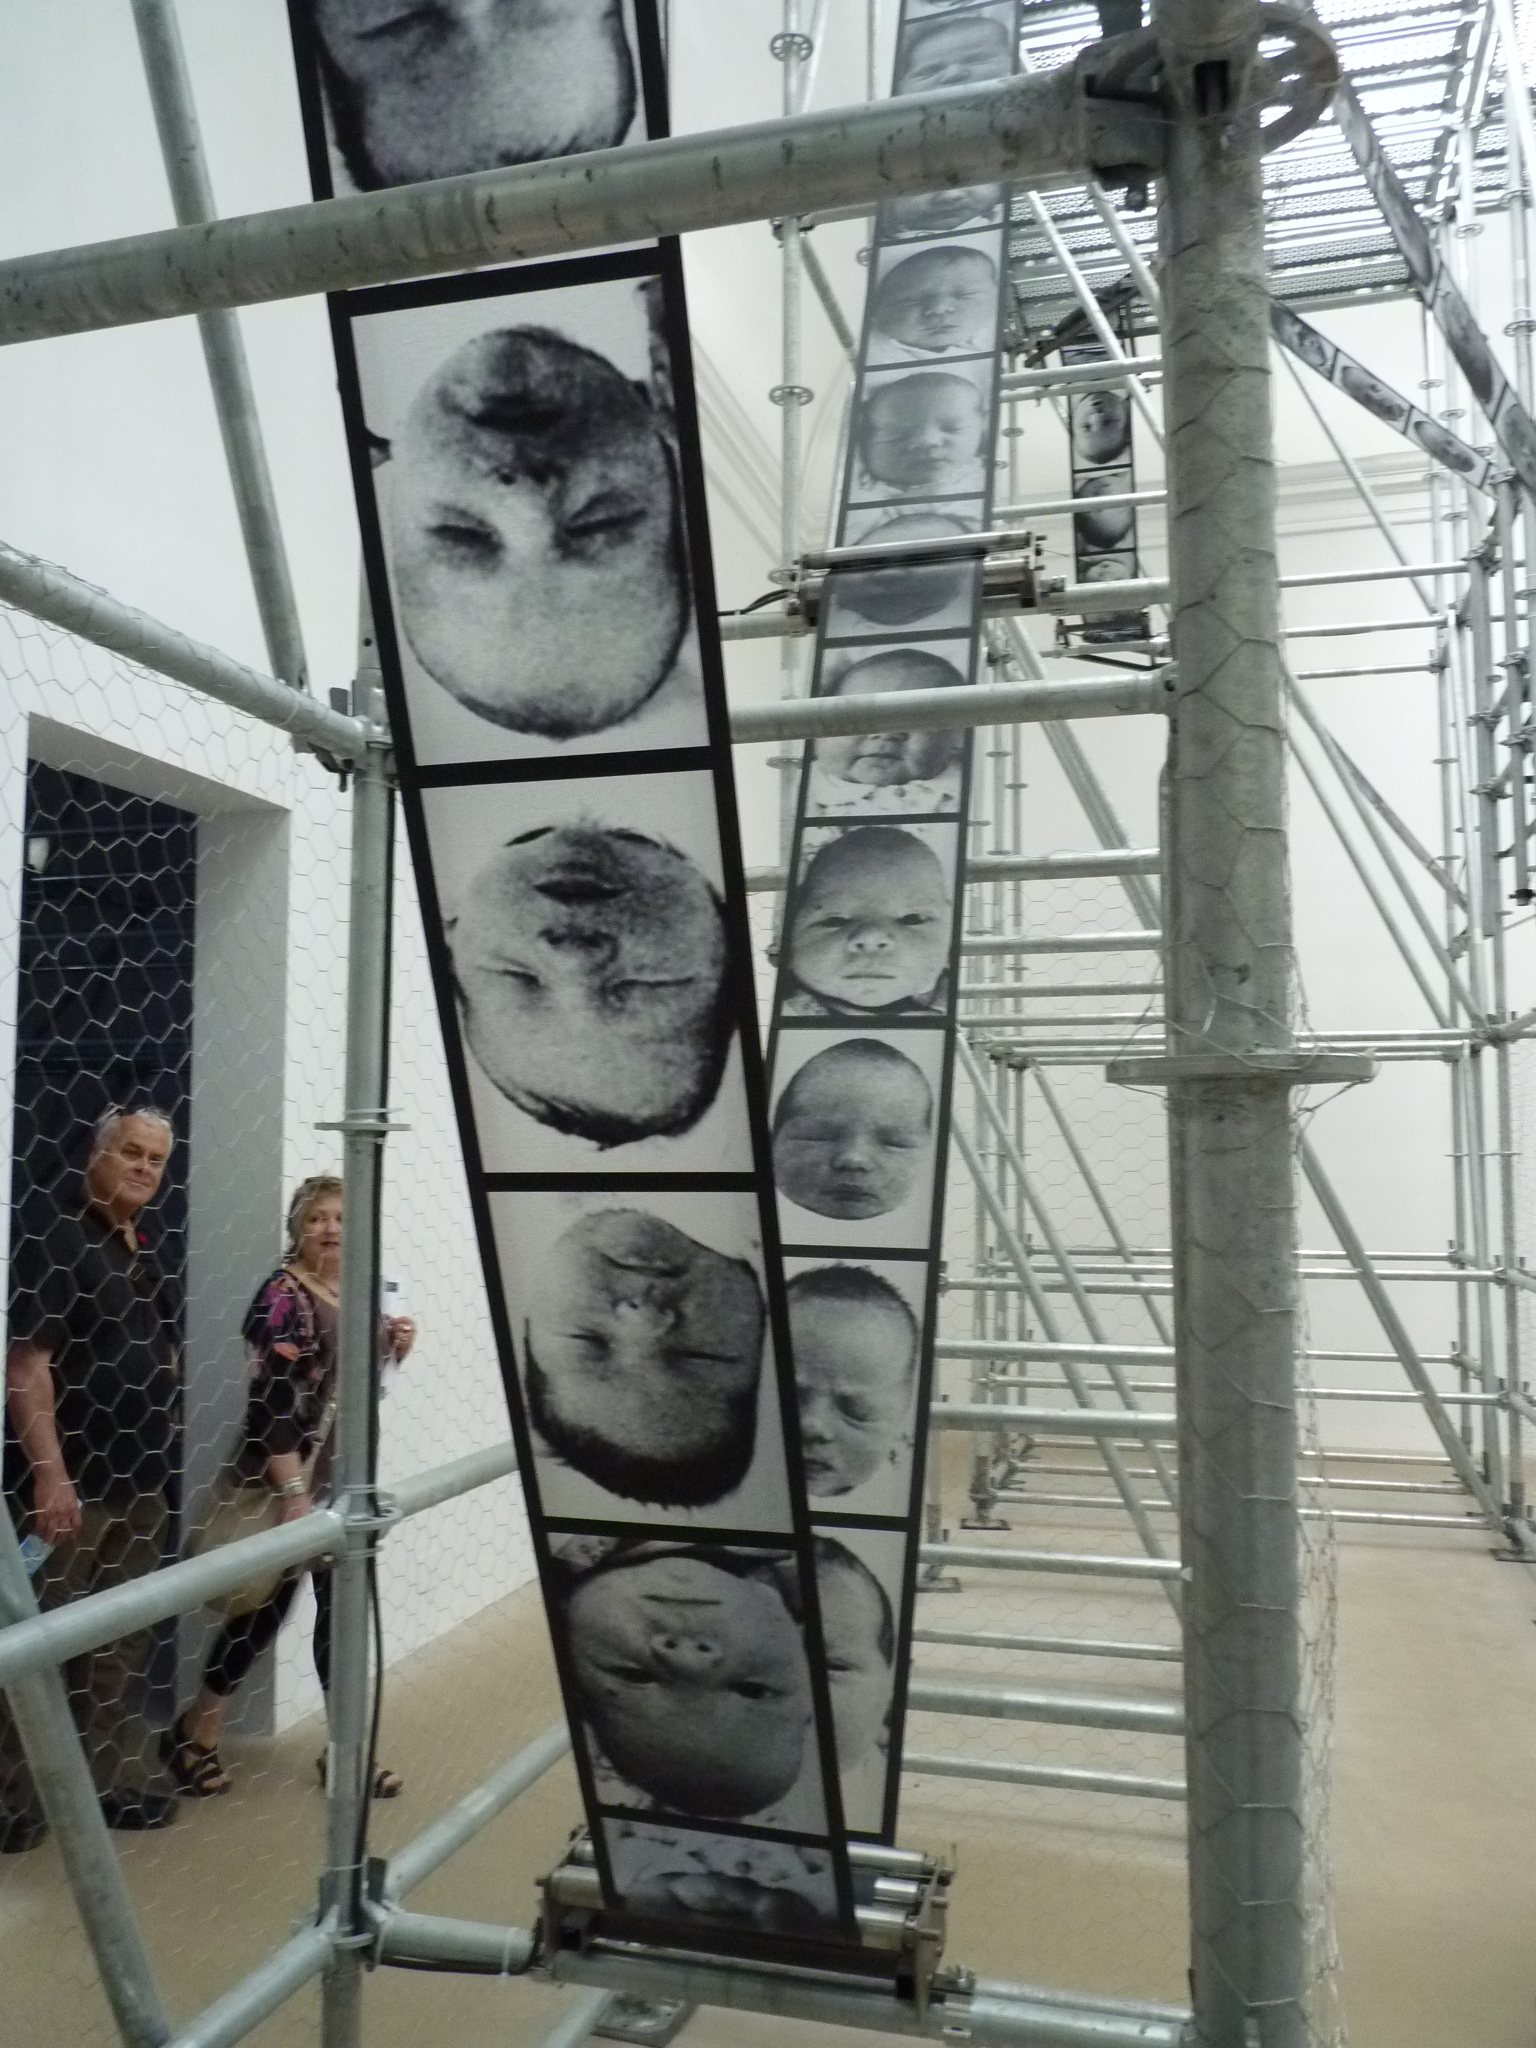 La roue de la chance, installation, Pavillon français, Venise